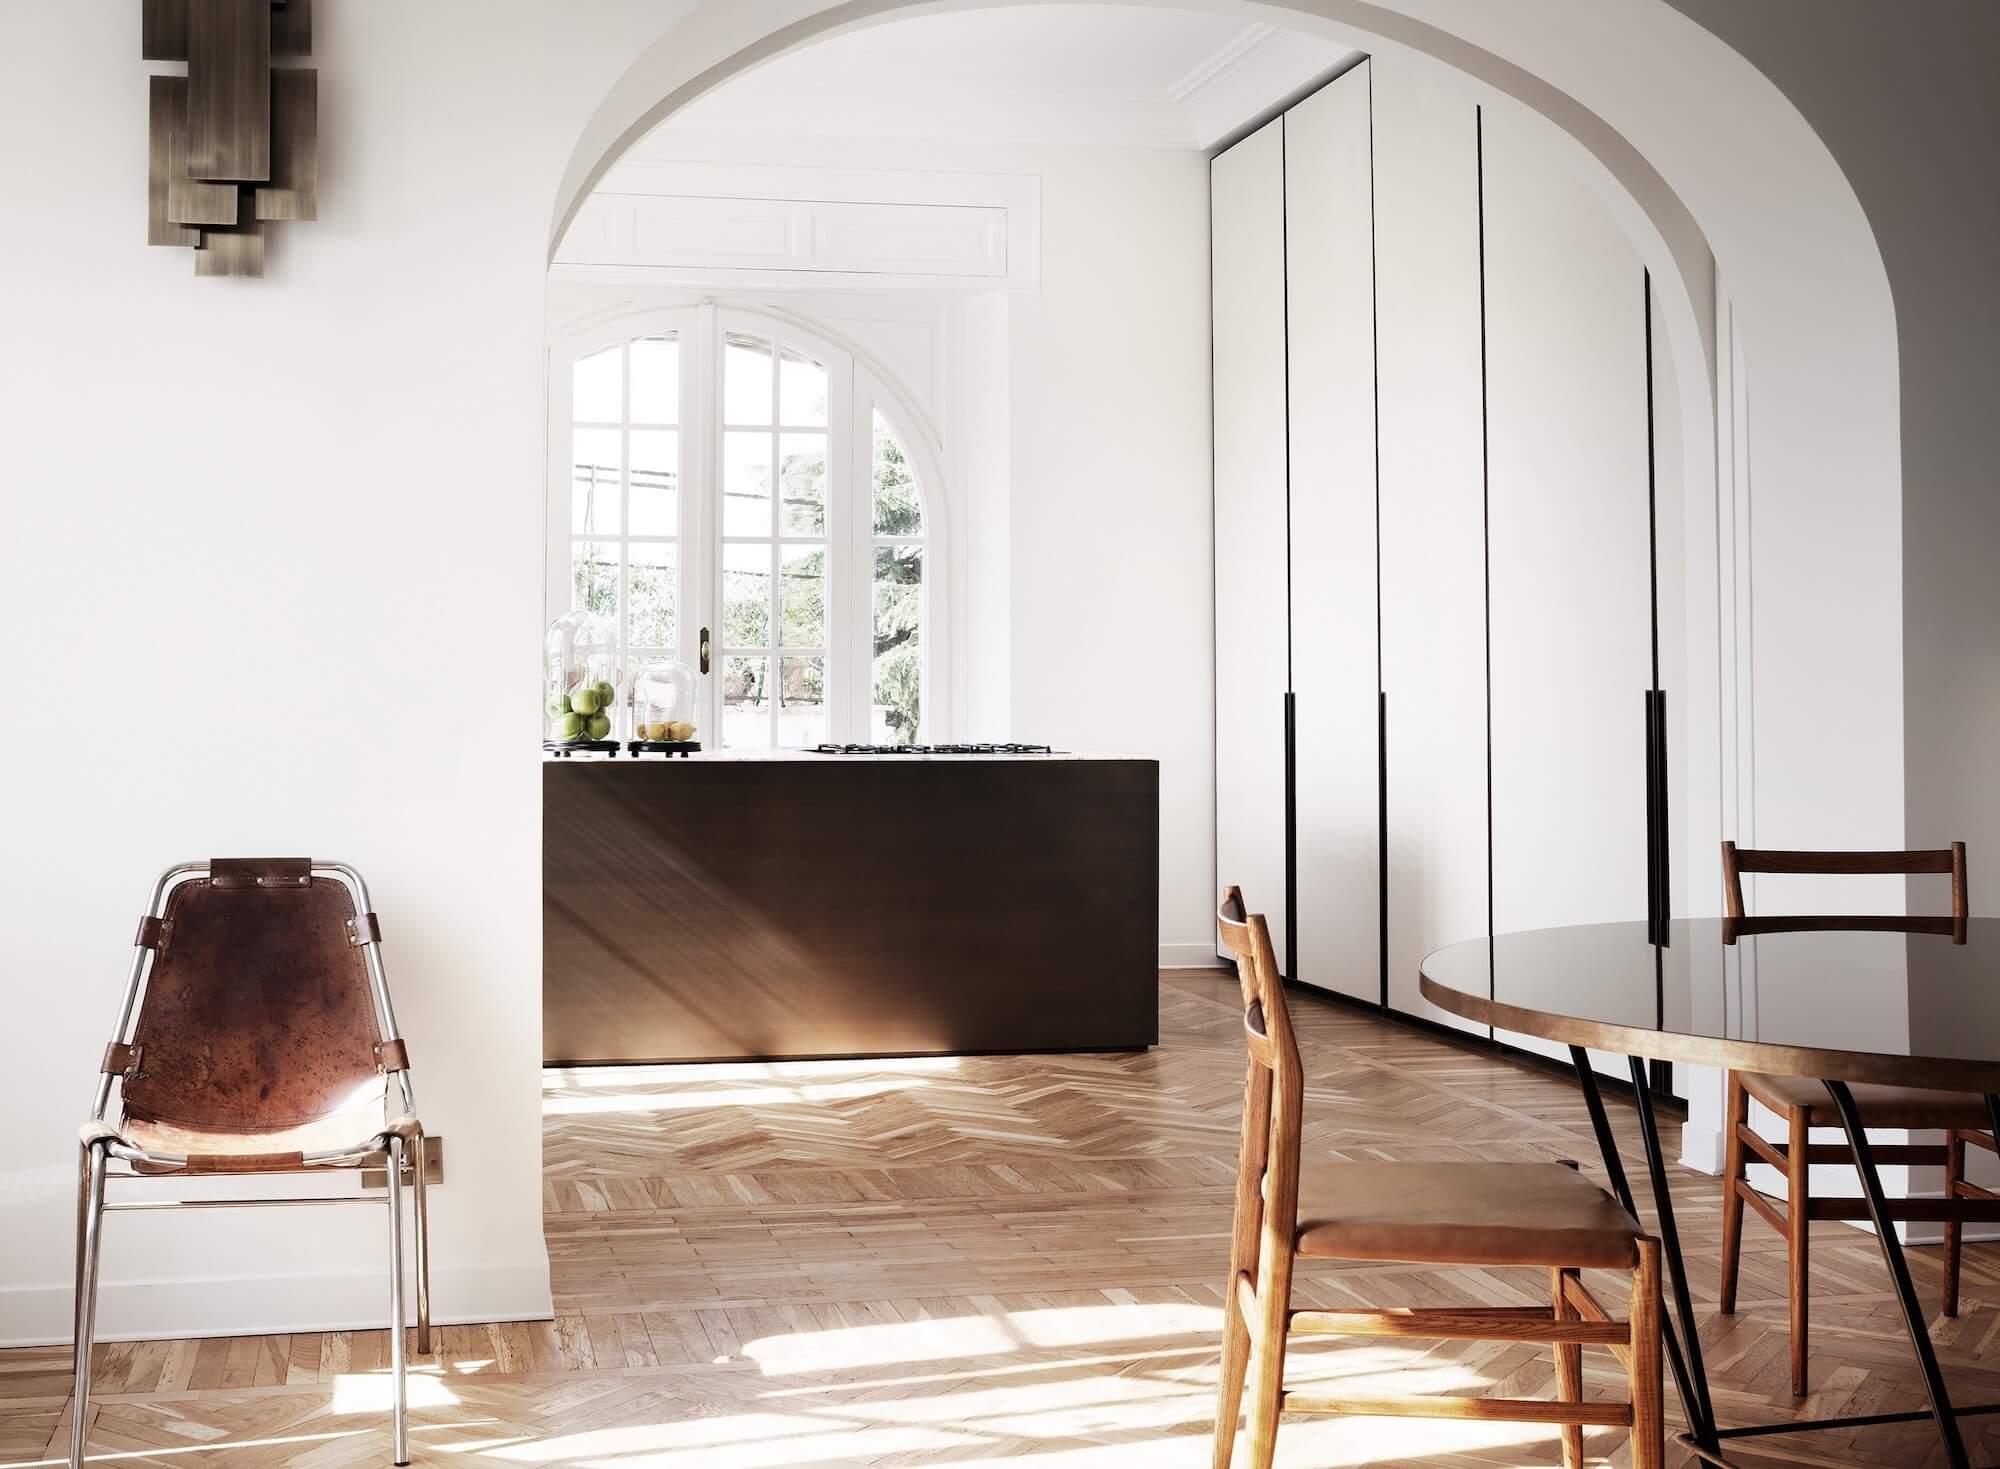 quincoces drago rome apartment 08